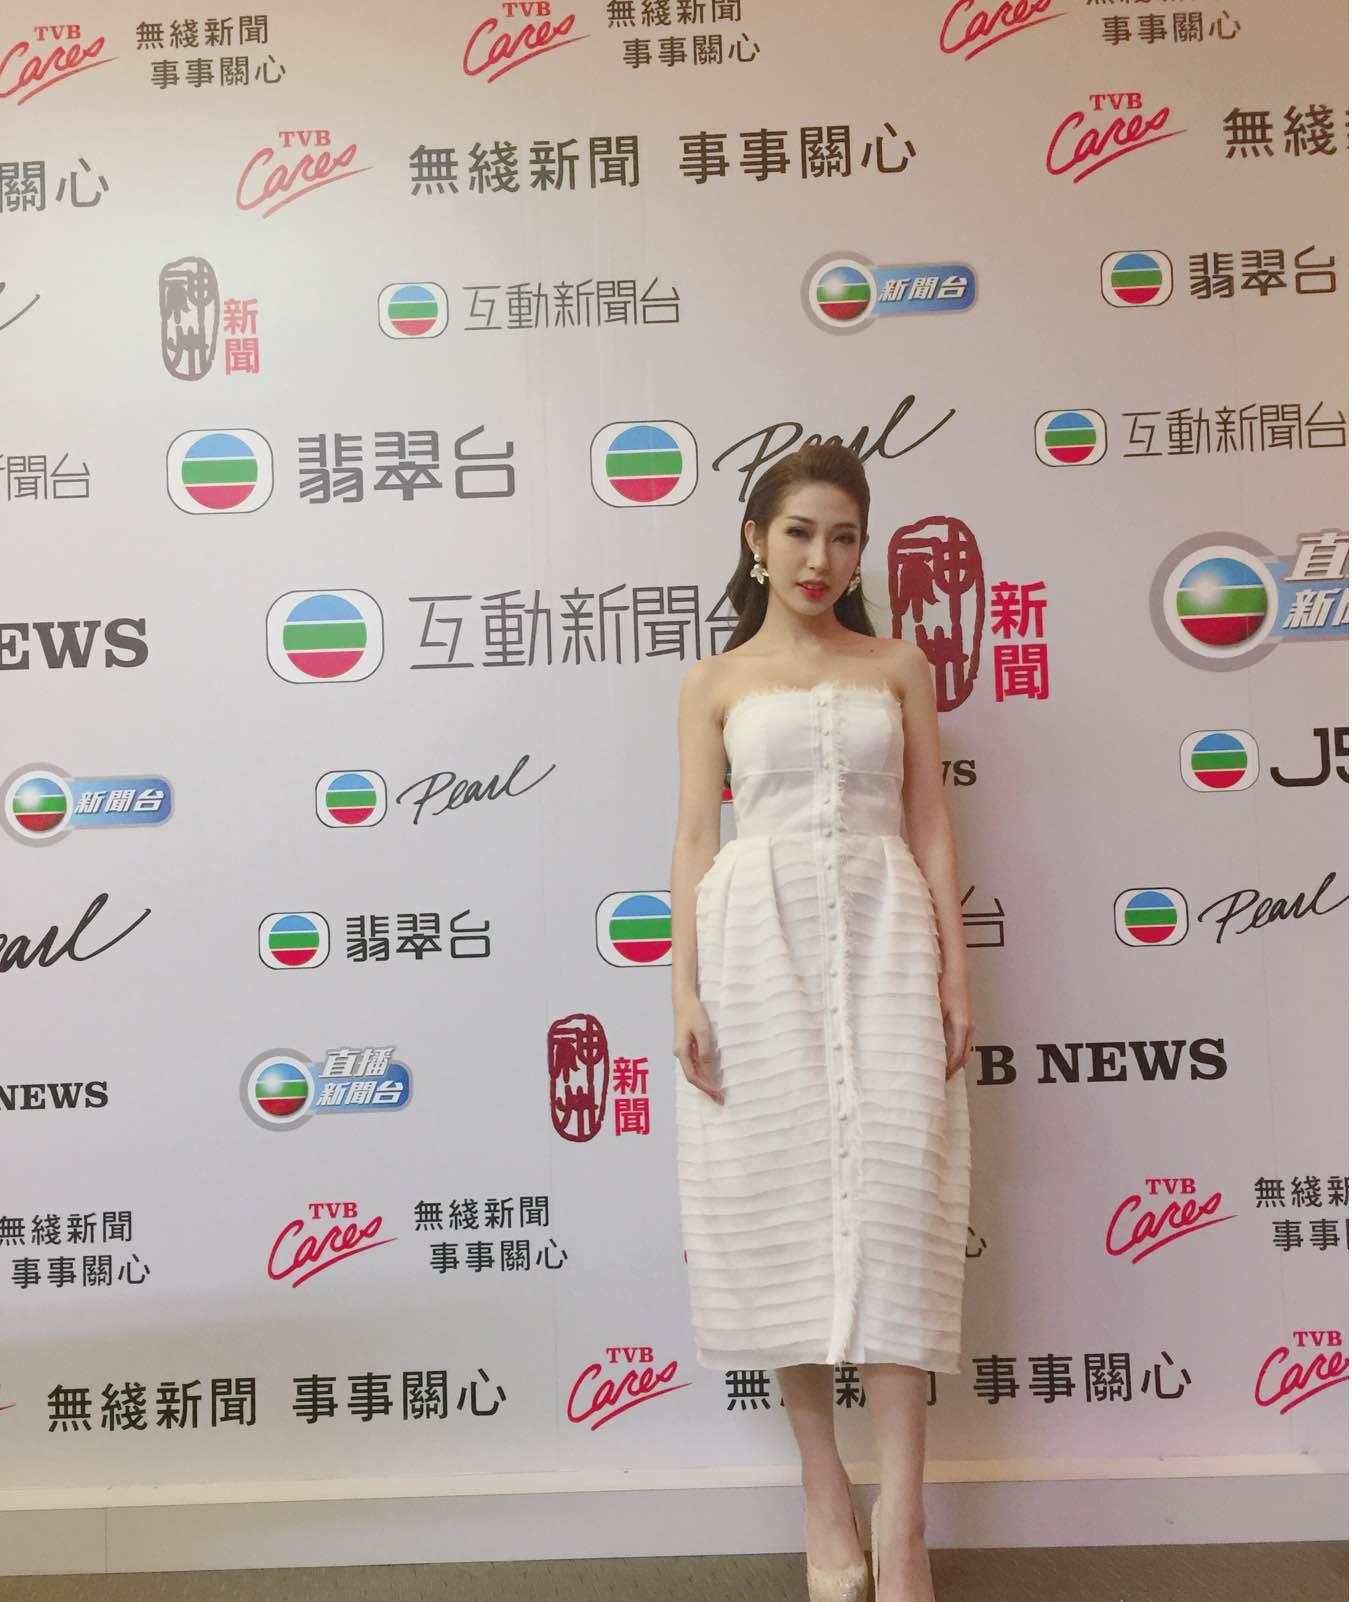 Khổng Tú Quỳnh tham dự lễ trao giải TVB, đọ dáng cùng Hoa hậu Hồng Kông - Ảnh 3.